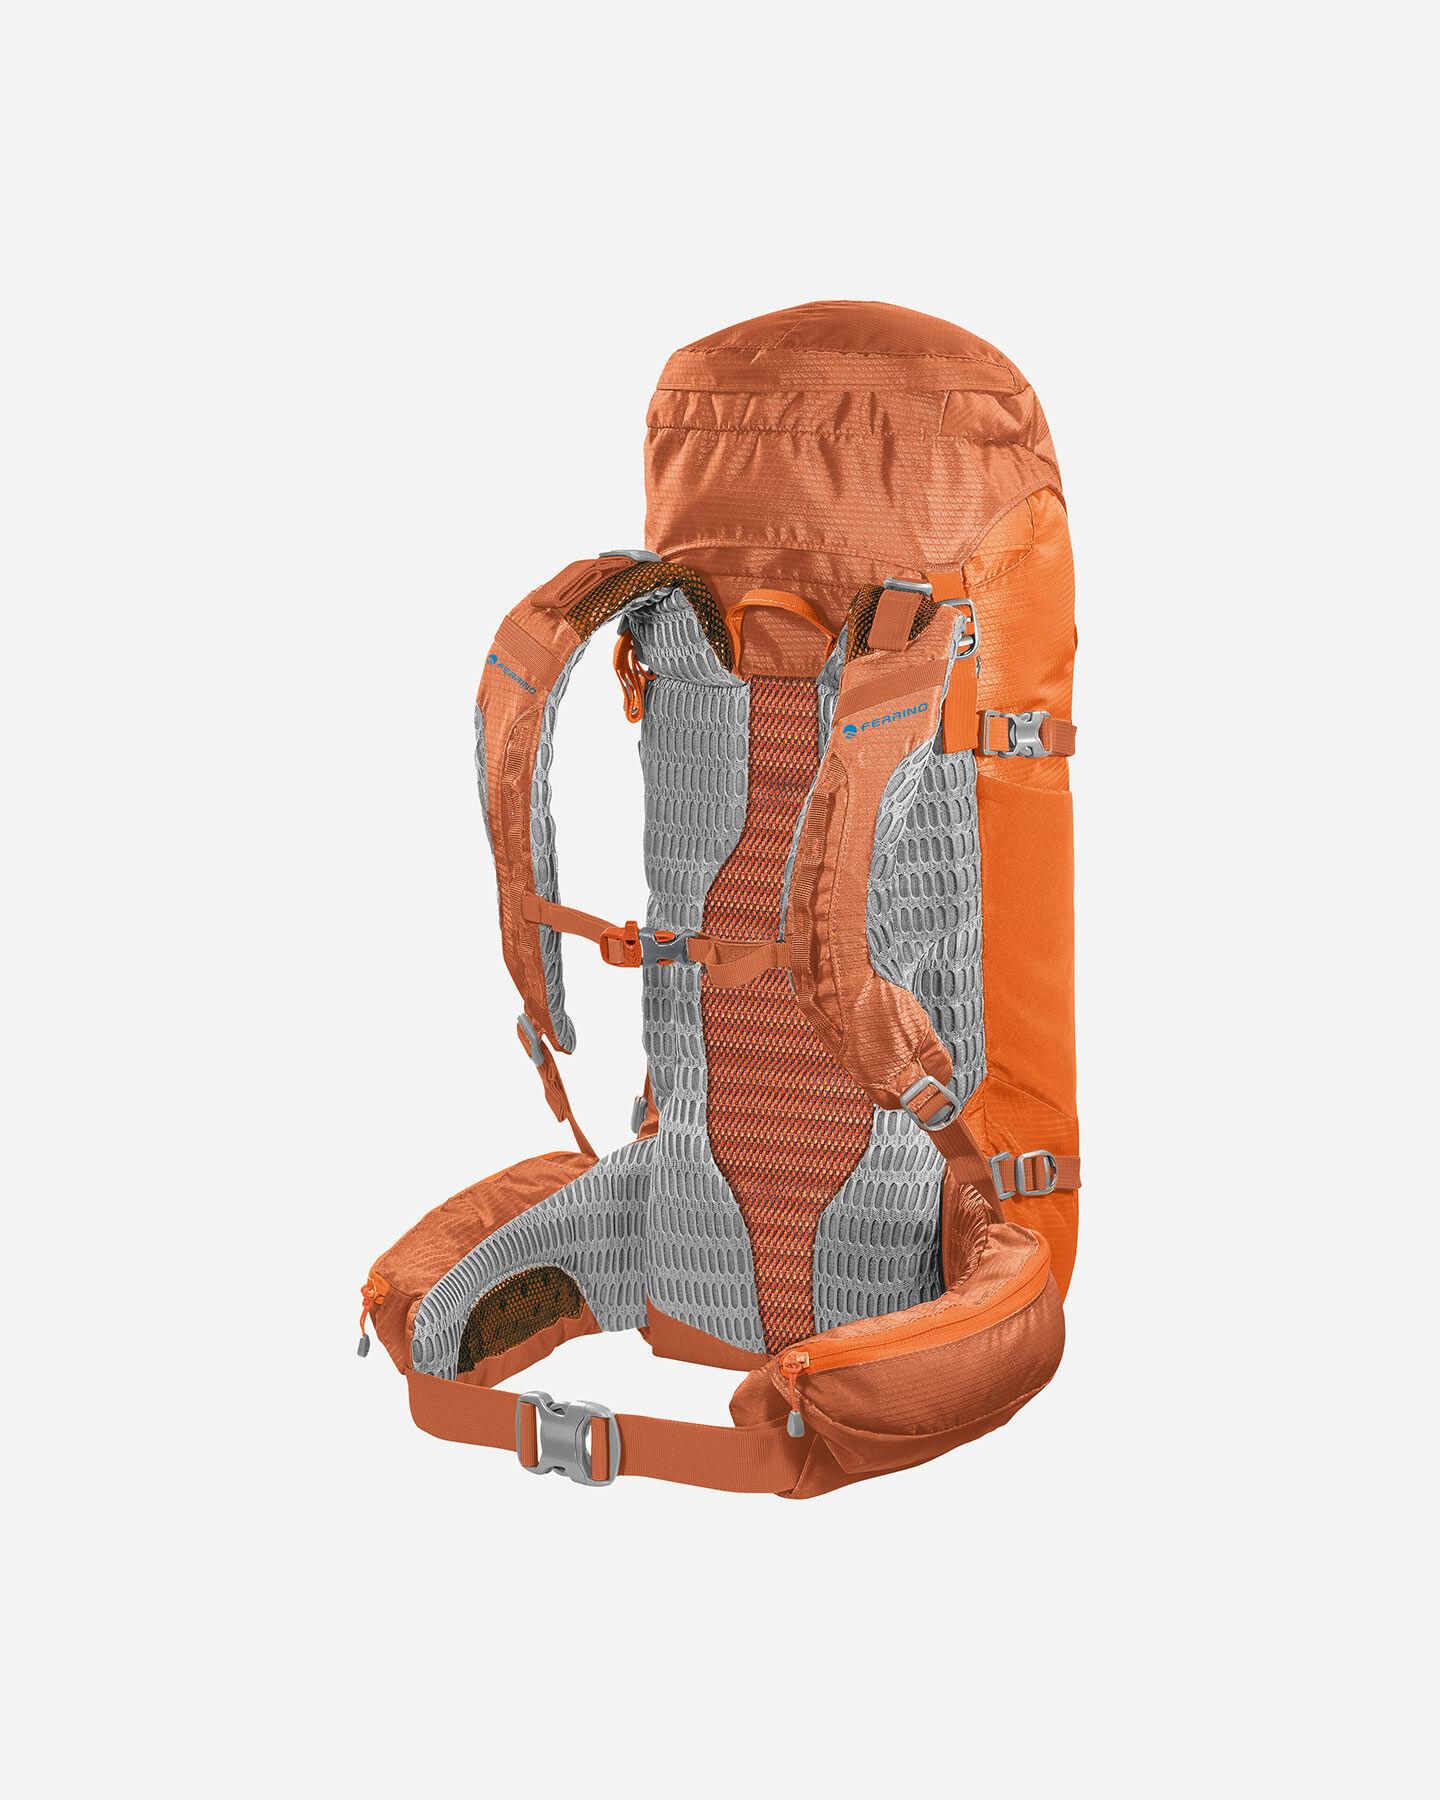 Zaino alpinismo FERRINO TRIOLET 32+5 S4096166 1 UNI scatto 1